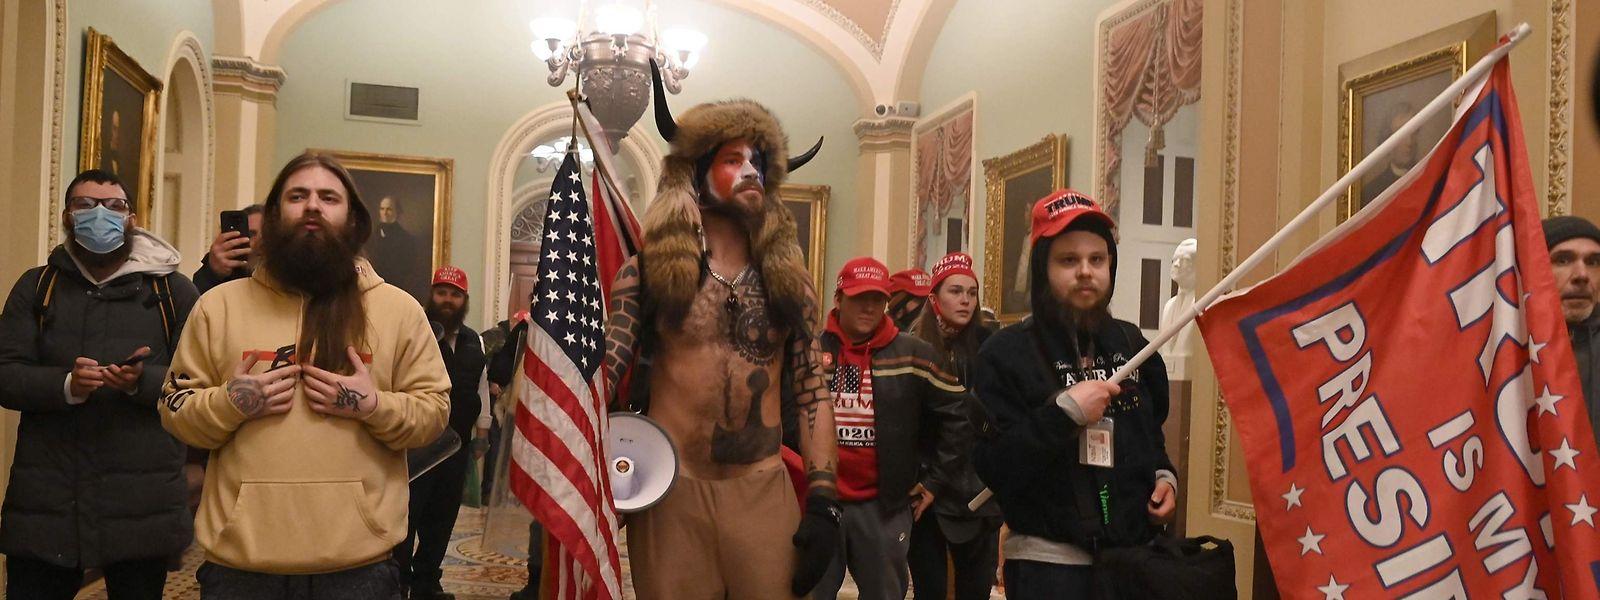 Nachdem Randalierer das Kongressgebäude gestürmt hatten, mussten die beiden Kongresskammern ihre Sitzungen zeitweise unterbrechen.